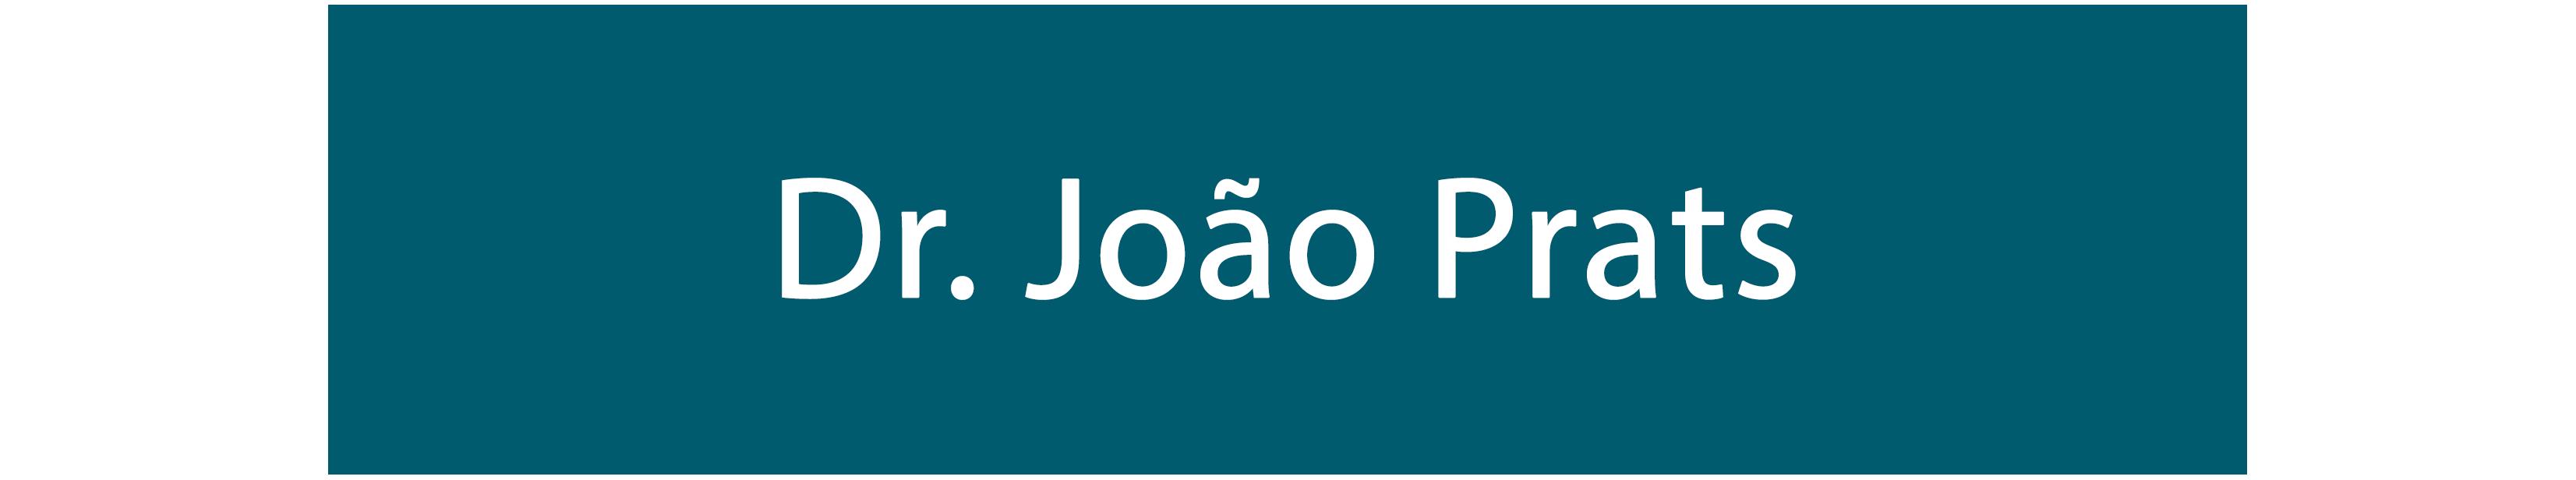 Dr. João Prats